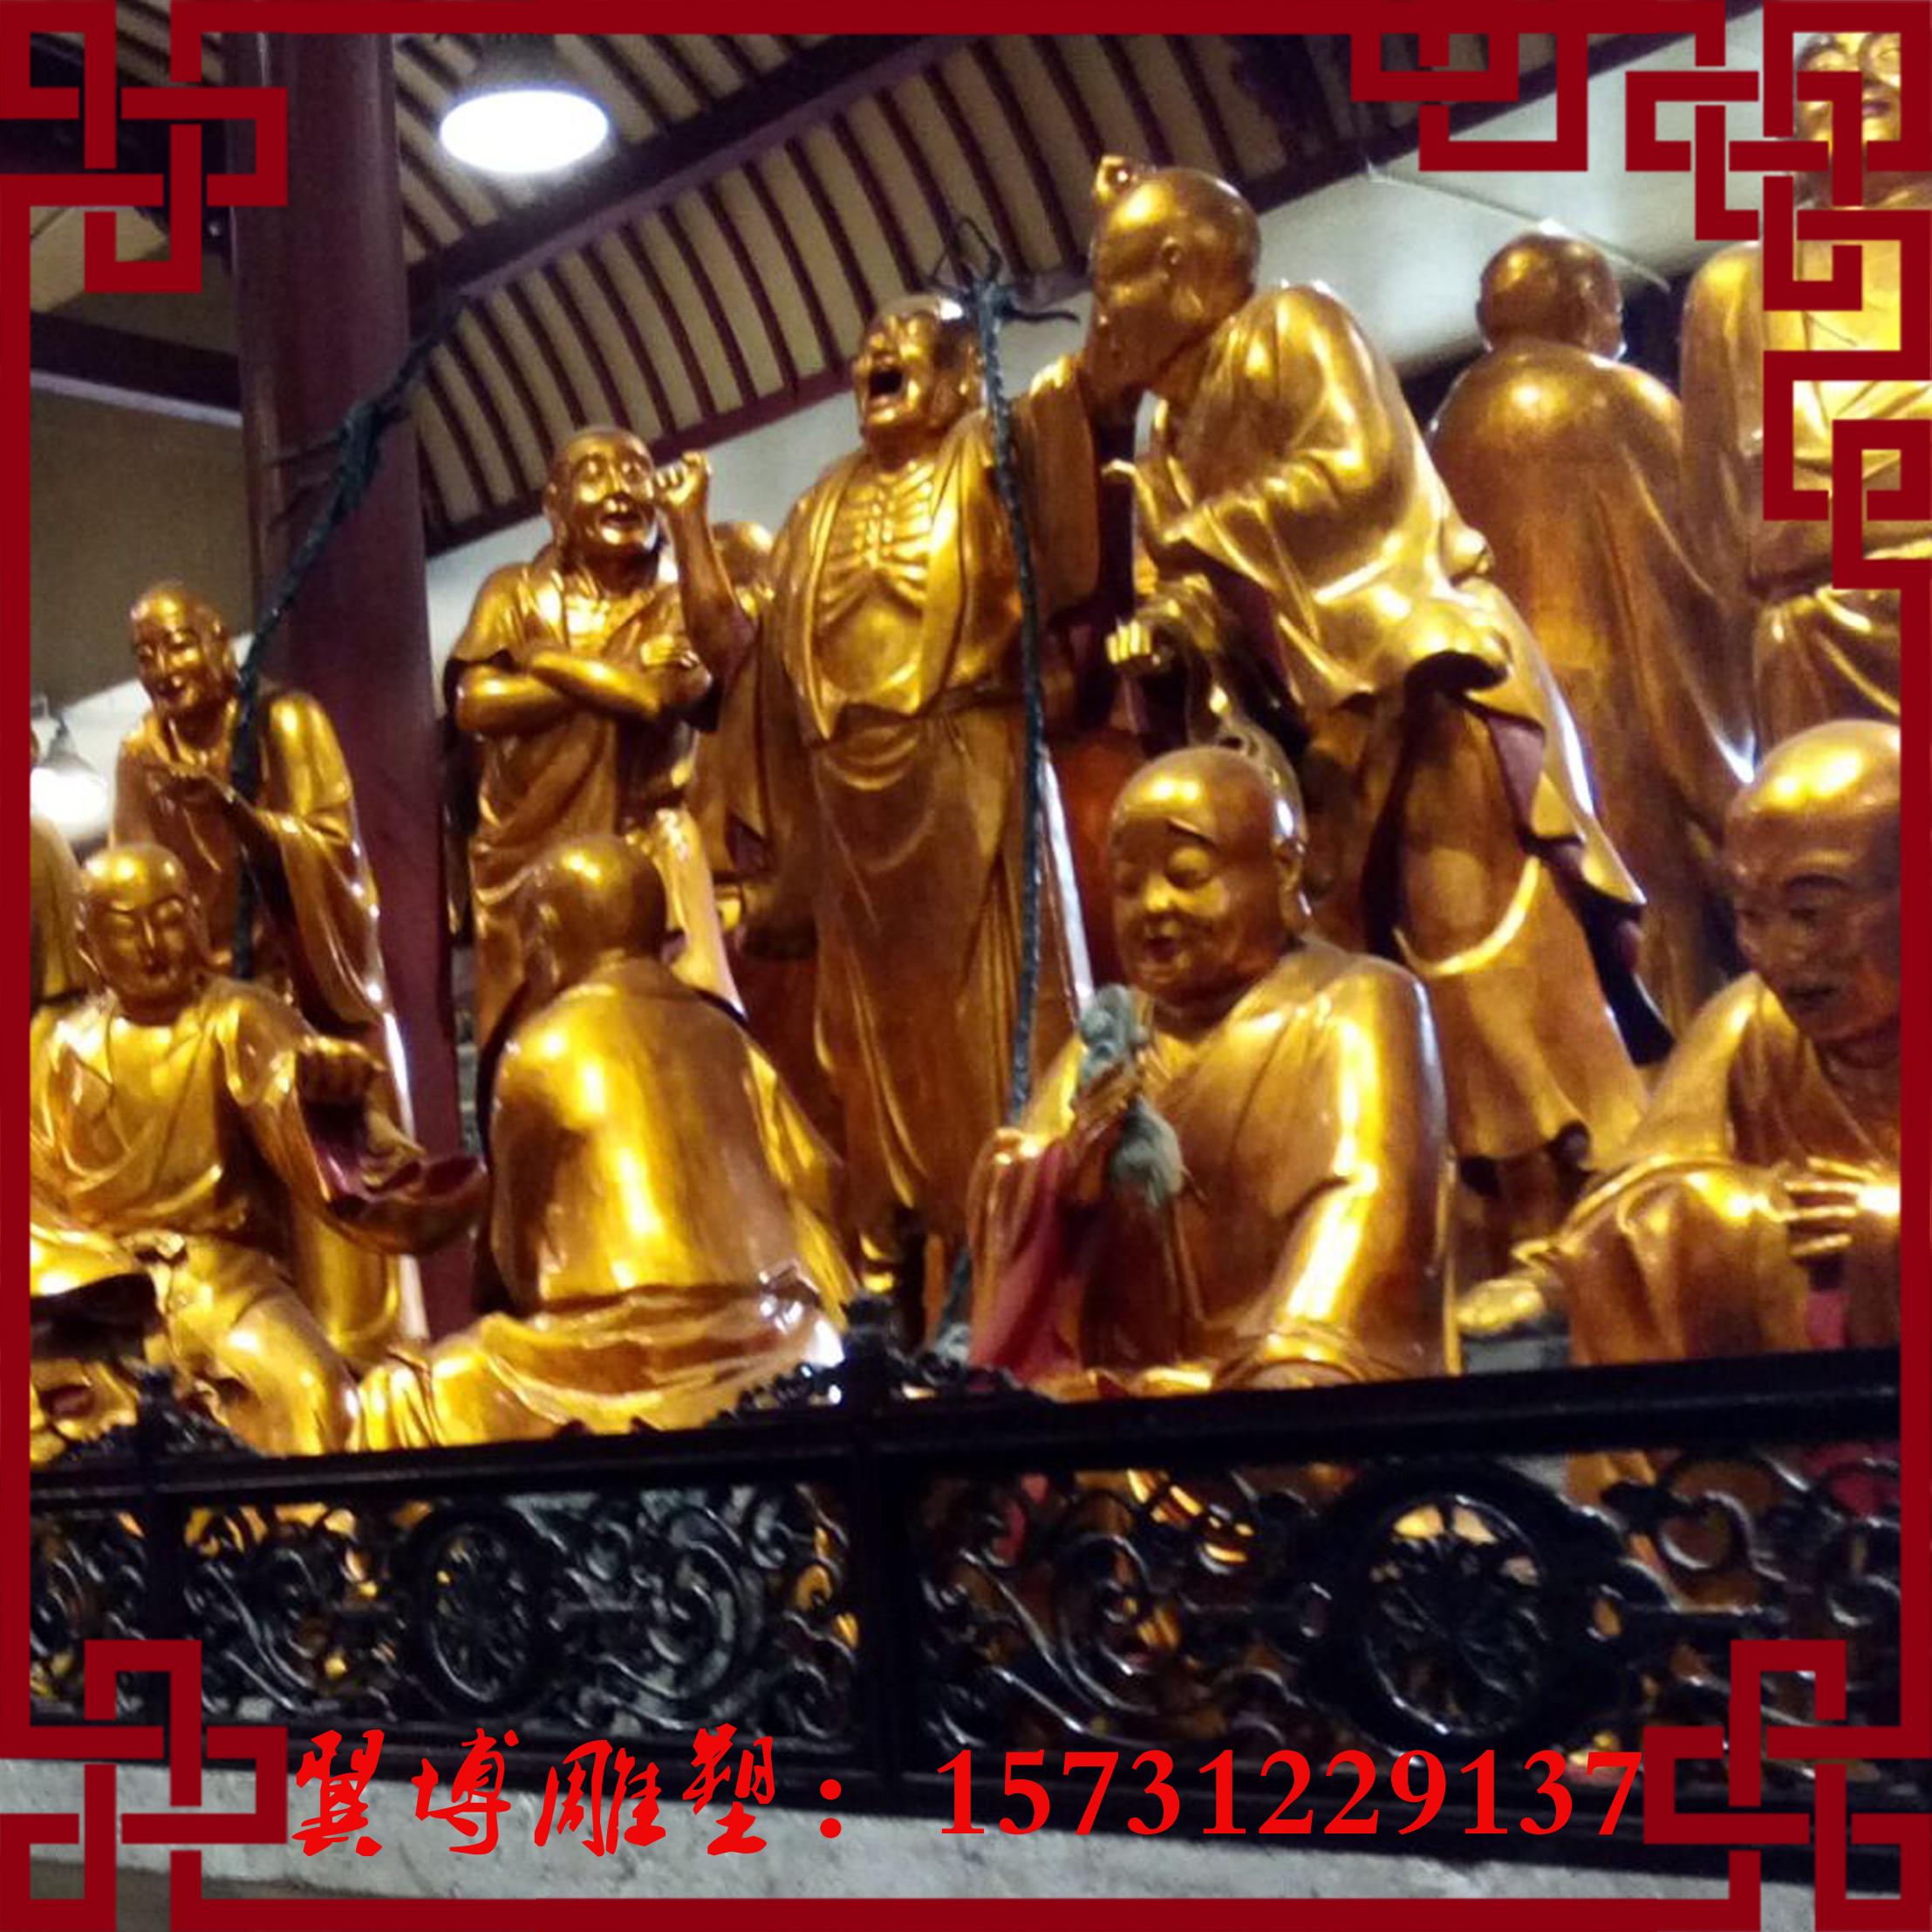 Позолоченный медь модельывать рохан честь человек модельывать так будда так бог так плесень медь храм модельывать модель семья учить храм крыша культура из украшение